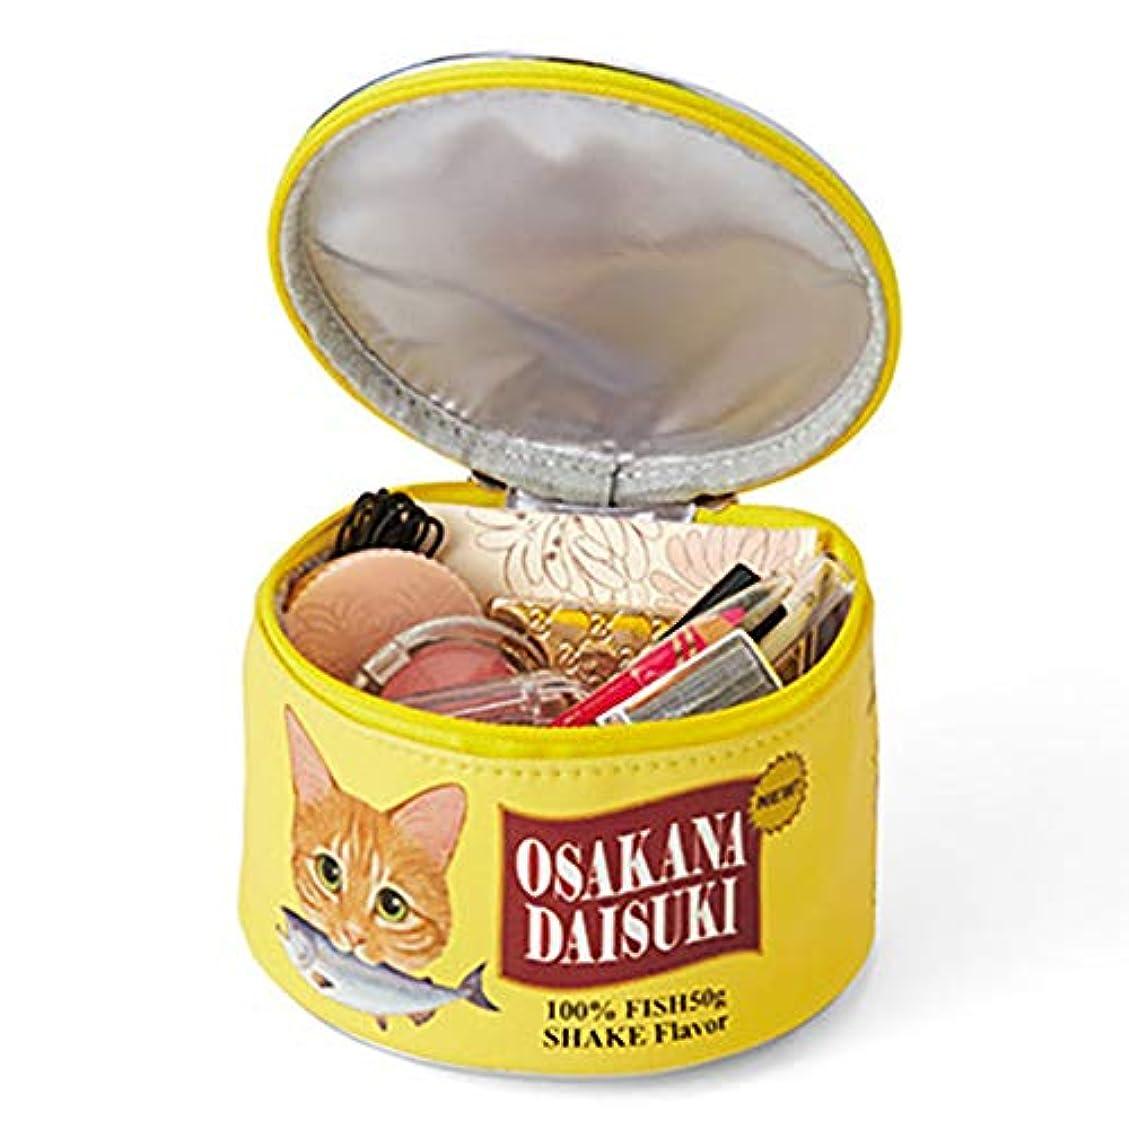 単独で夜利用可能YIGO 化粧ポーチ 猫 ねこ 魚の缶詰 設計 可愛い メイクポーチ バッグ 化粧バッグ 財布 大容量 化粧品収納 小物入れ おしゃれ イエロー